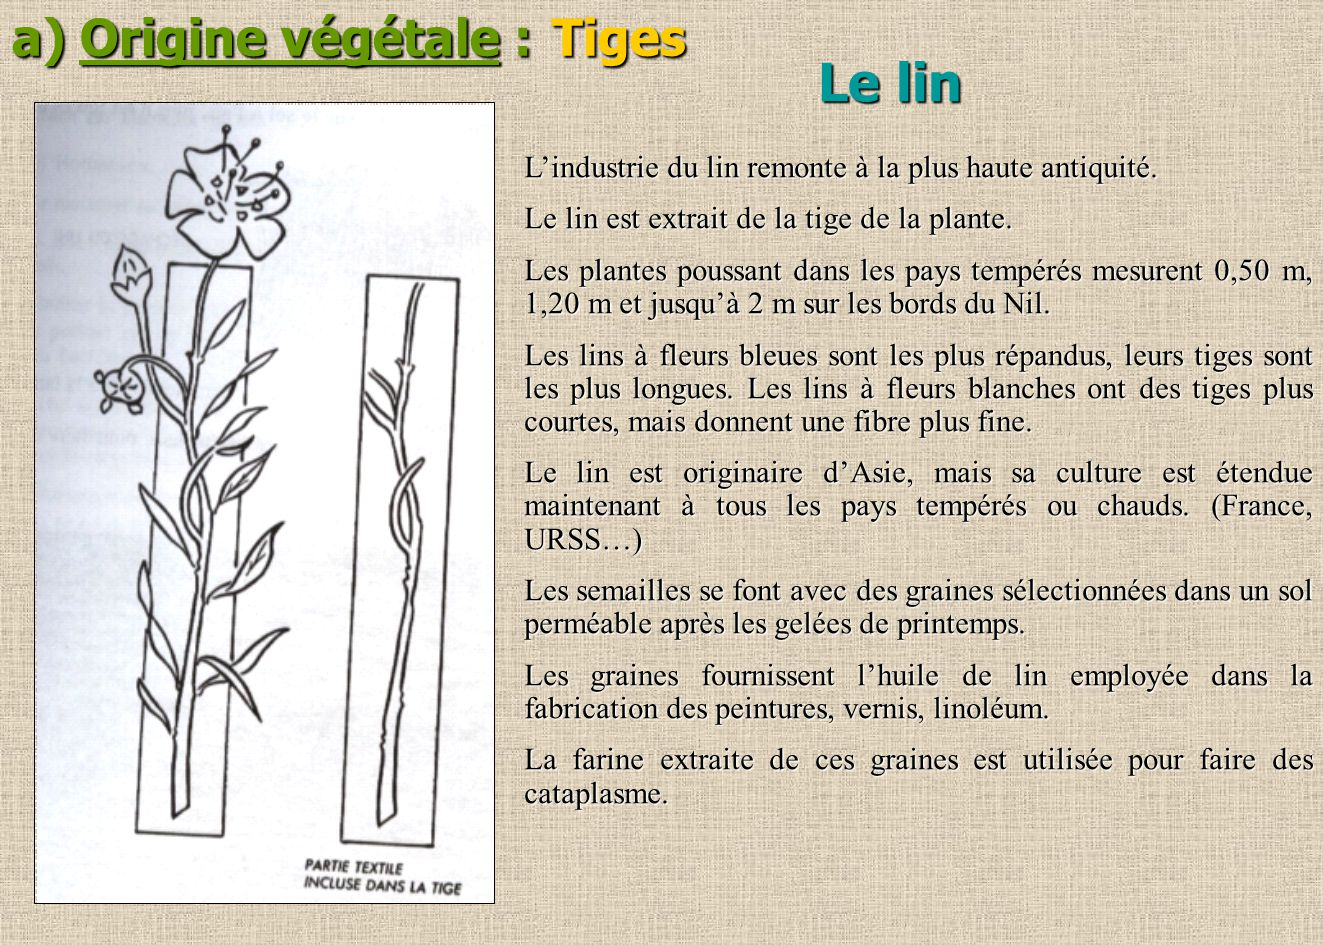 a) Origine végétale : Tiges Lindustrie du lin remonte à la plus haute antiquité. Le lin est extrait de la tige de la plante. Les plantes poussant dans